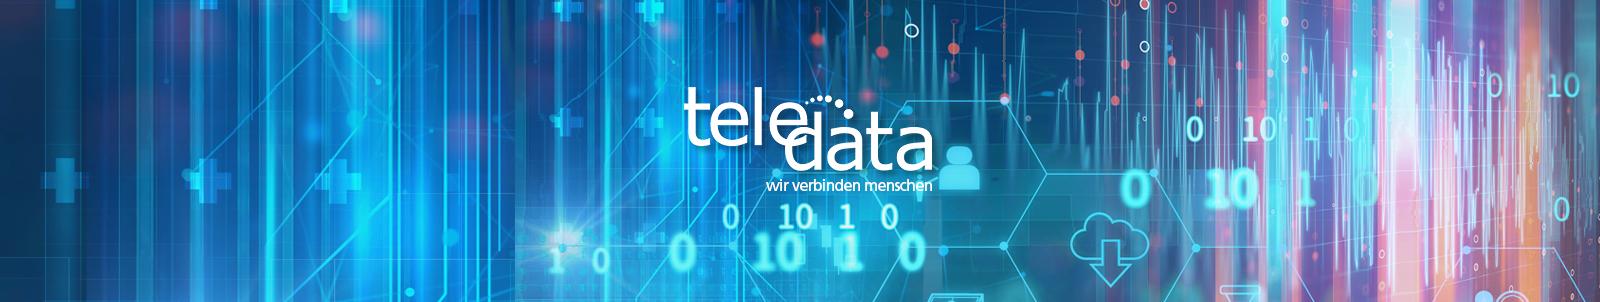 Website der Teledata GmbH